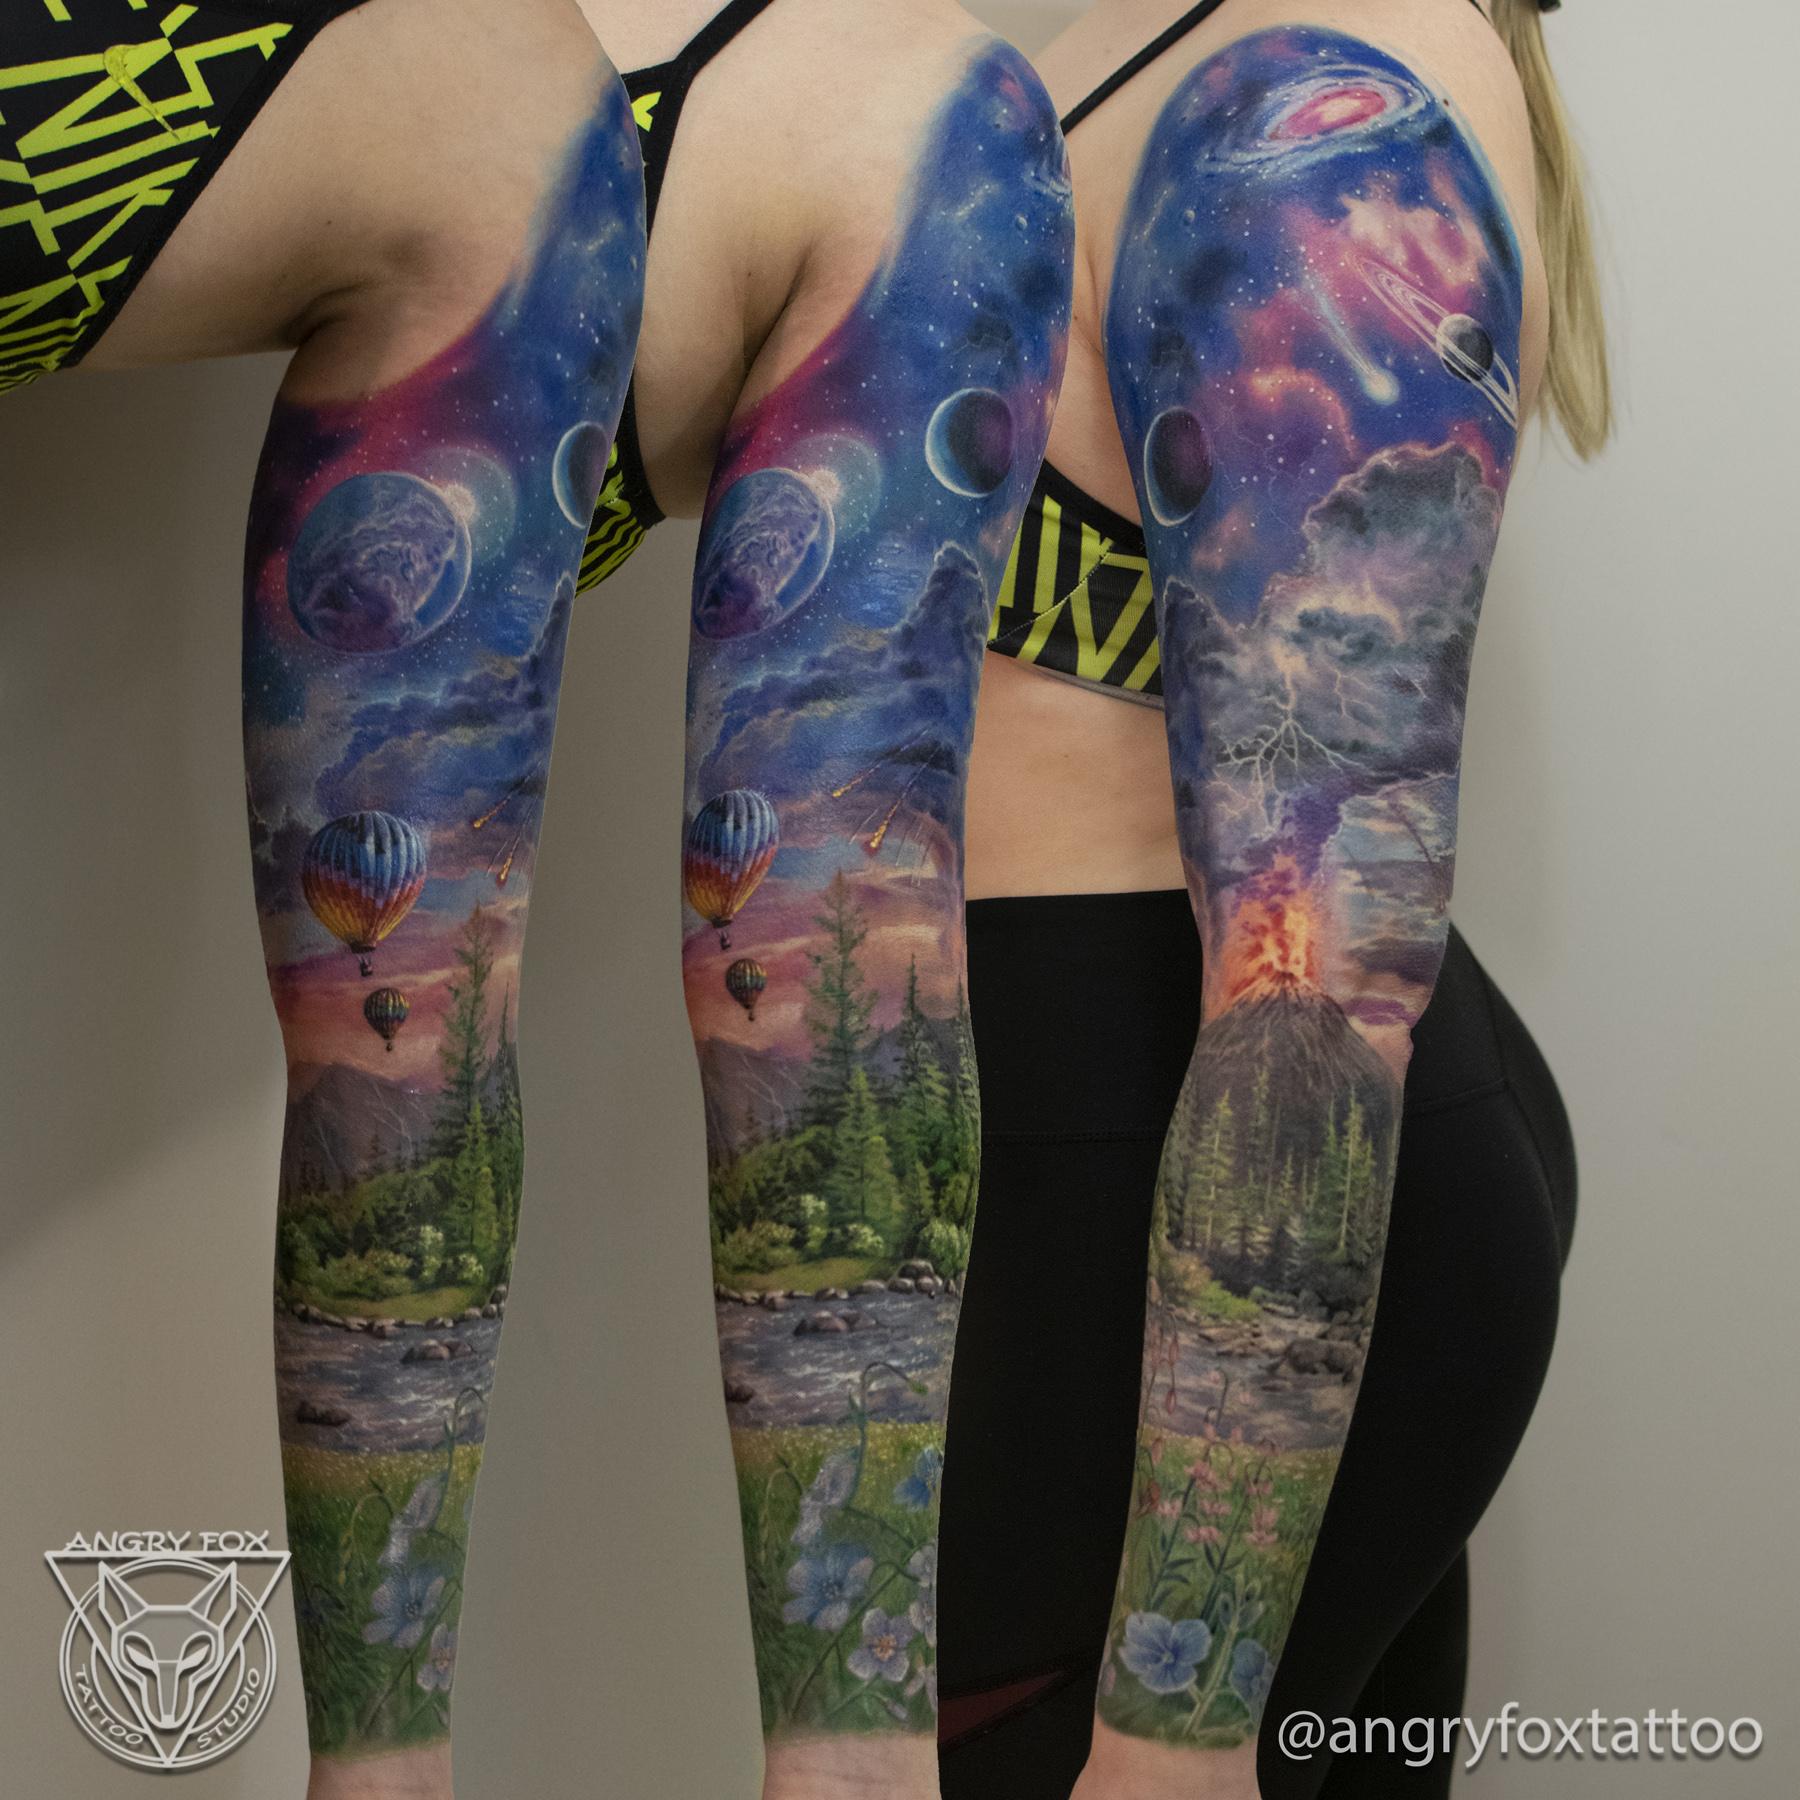 Татуировка, тату, девушка, рукав, рука, плечо, предплечье, поле, цветы, река, вулкан, лава, гроза, космос, метеорит, галактика, воздушный, шар, лес, горы, реализм